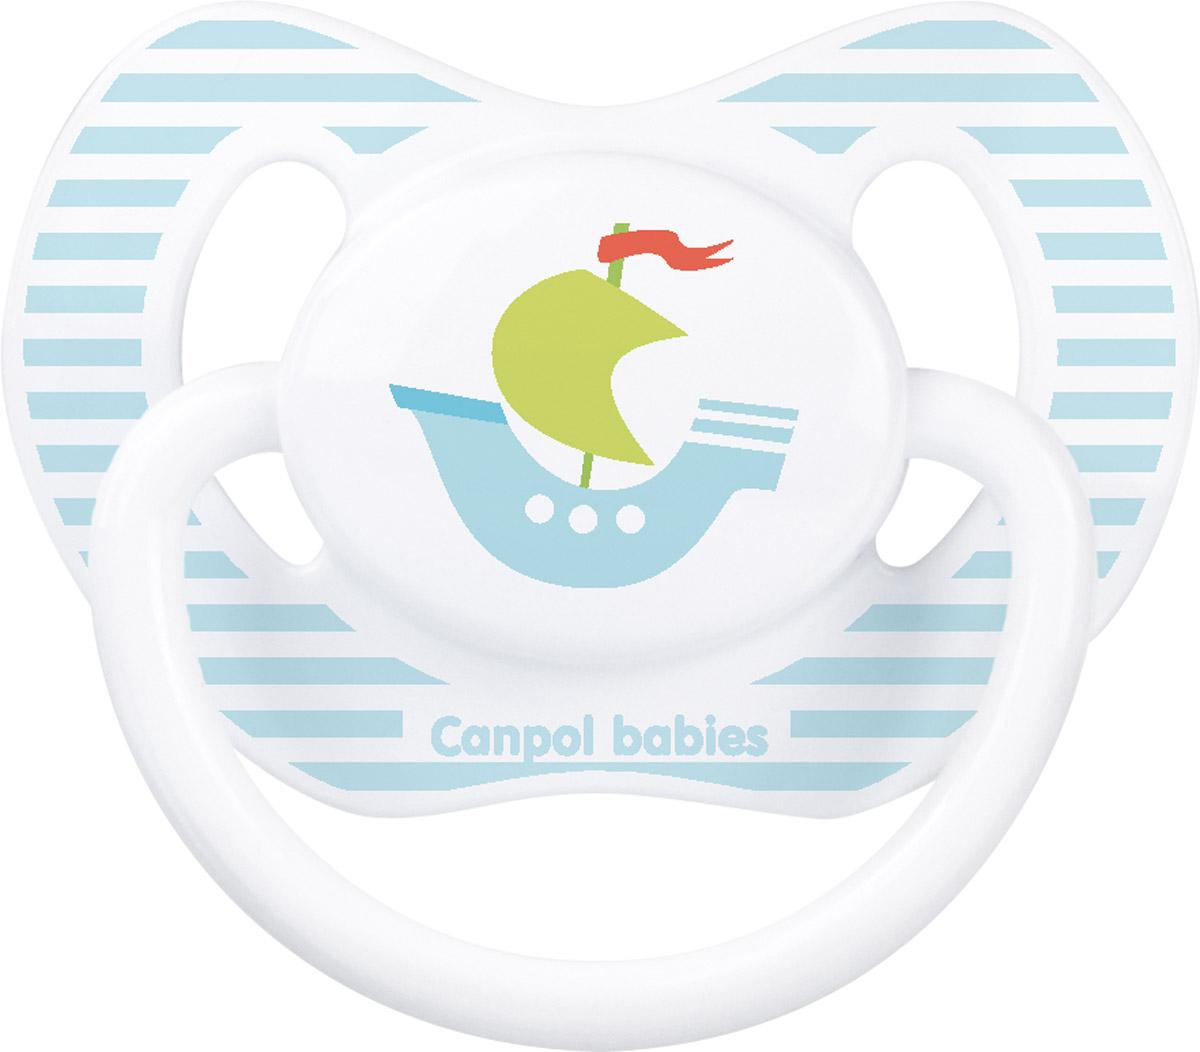 Canpol Babies Пустышка силиконовая ортодонтическая Кораблик от 6 до 18 месяцев hevea пустышка ортодонтическая car от 3 месяцев